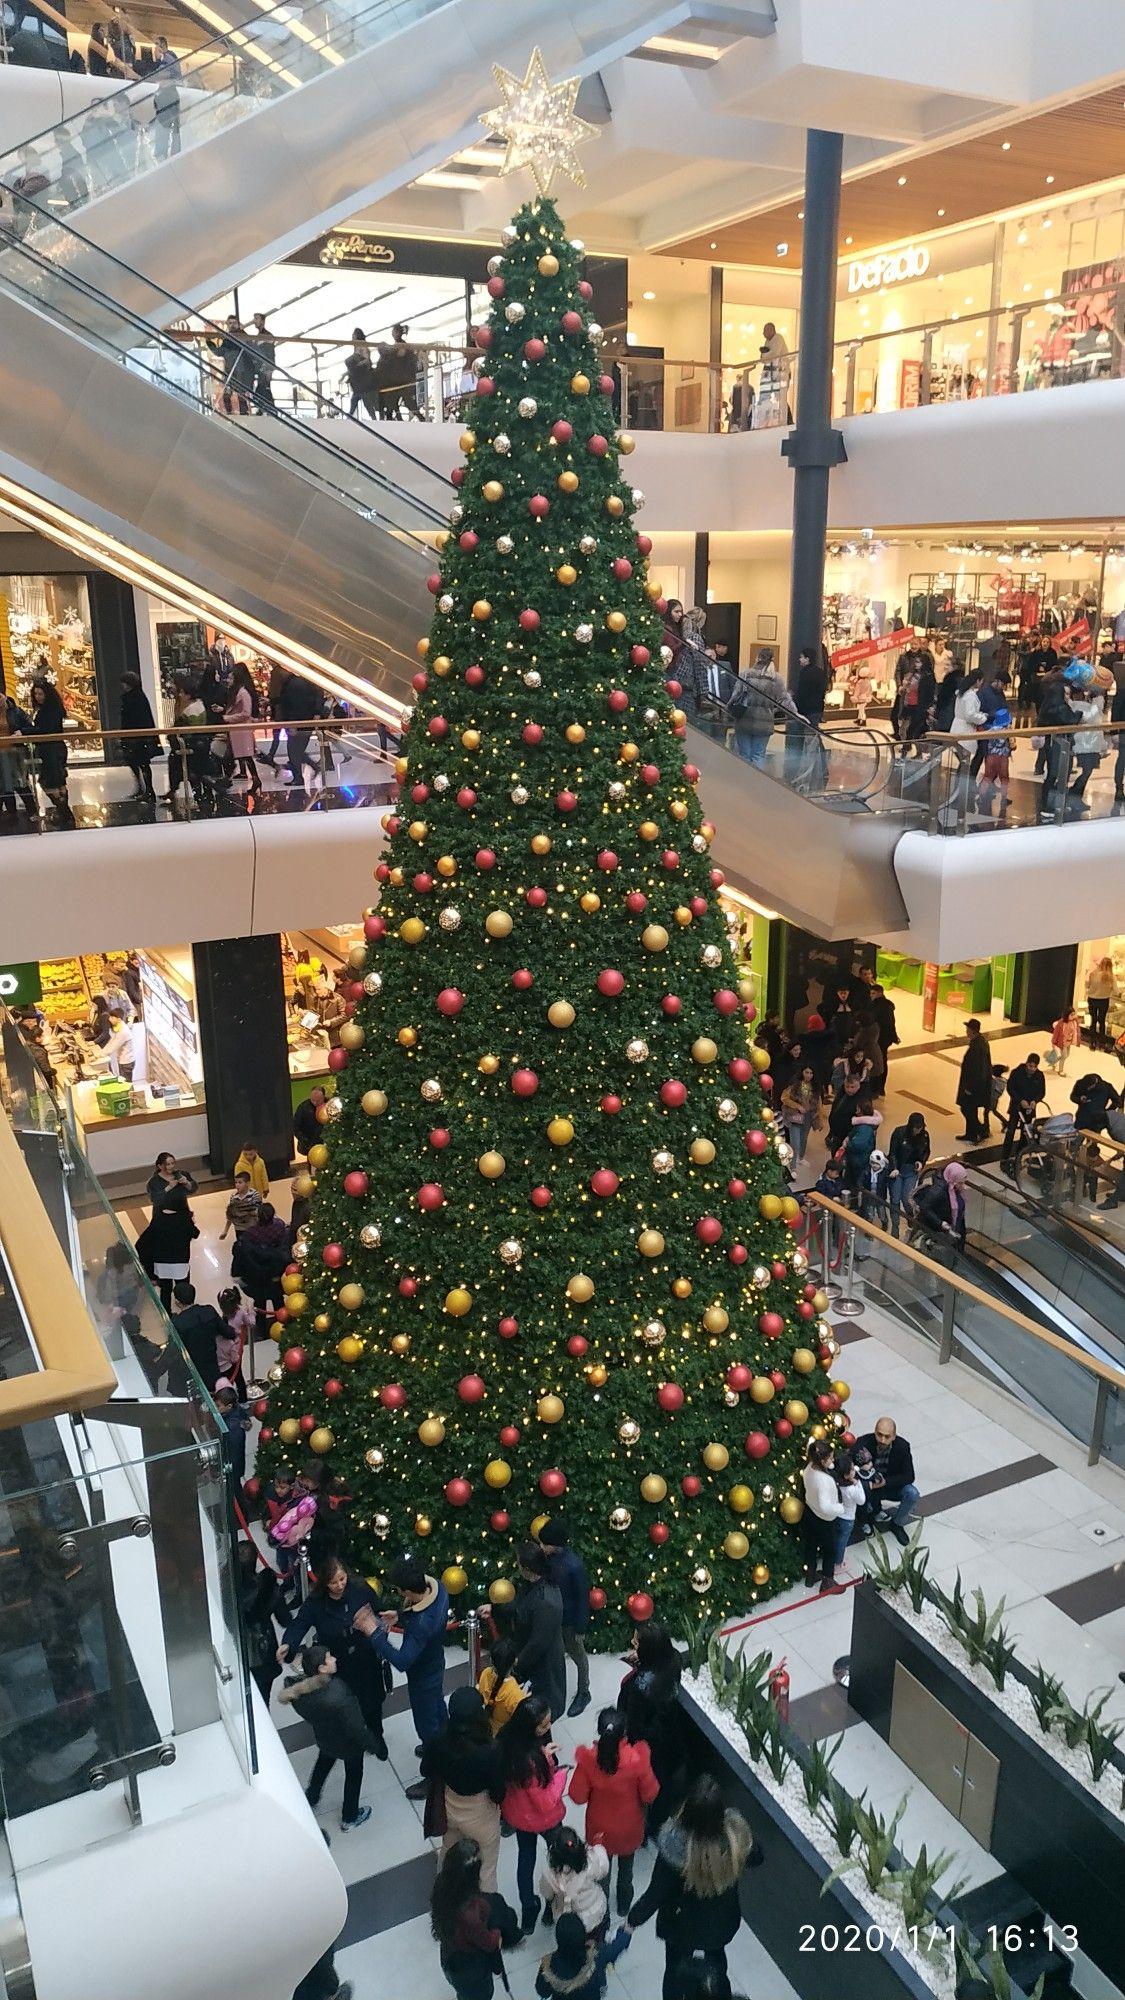 Gəncə Mall Holiday Decor Christmas Tree Decor